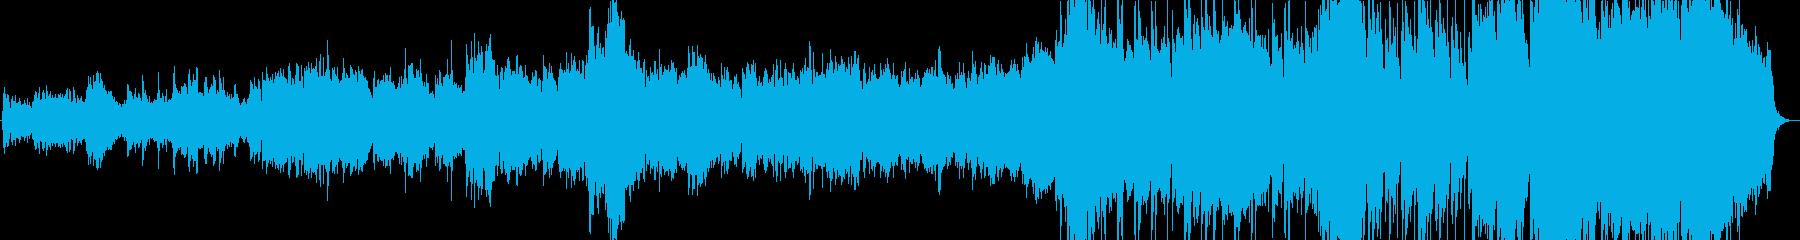 きらきらしたオーケストラ風のBGMの再生済みの波形